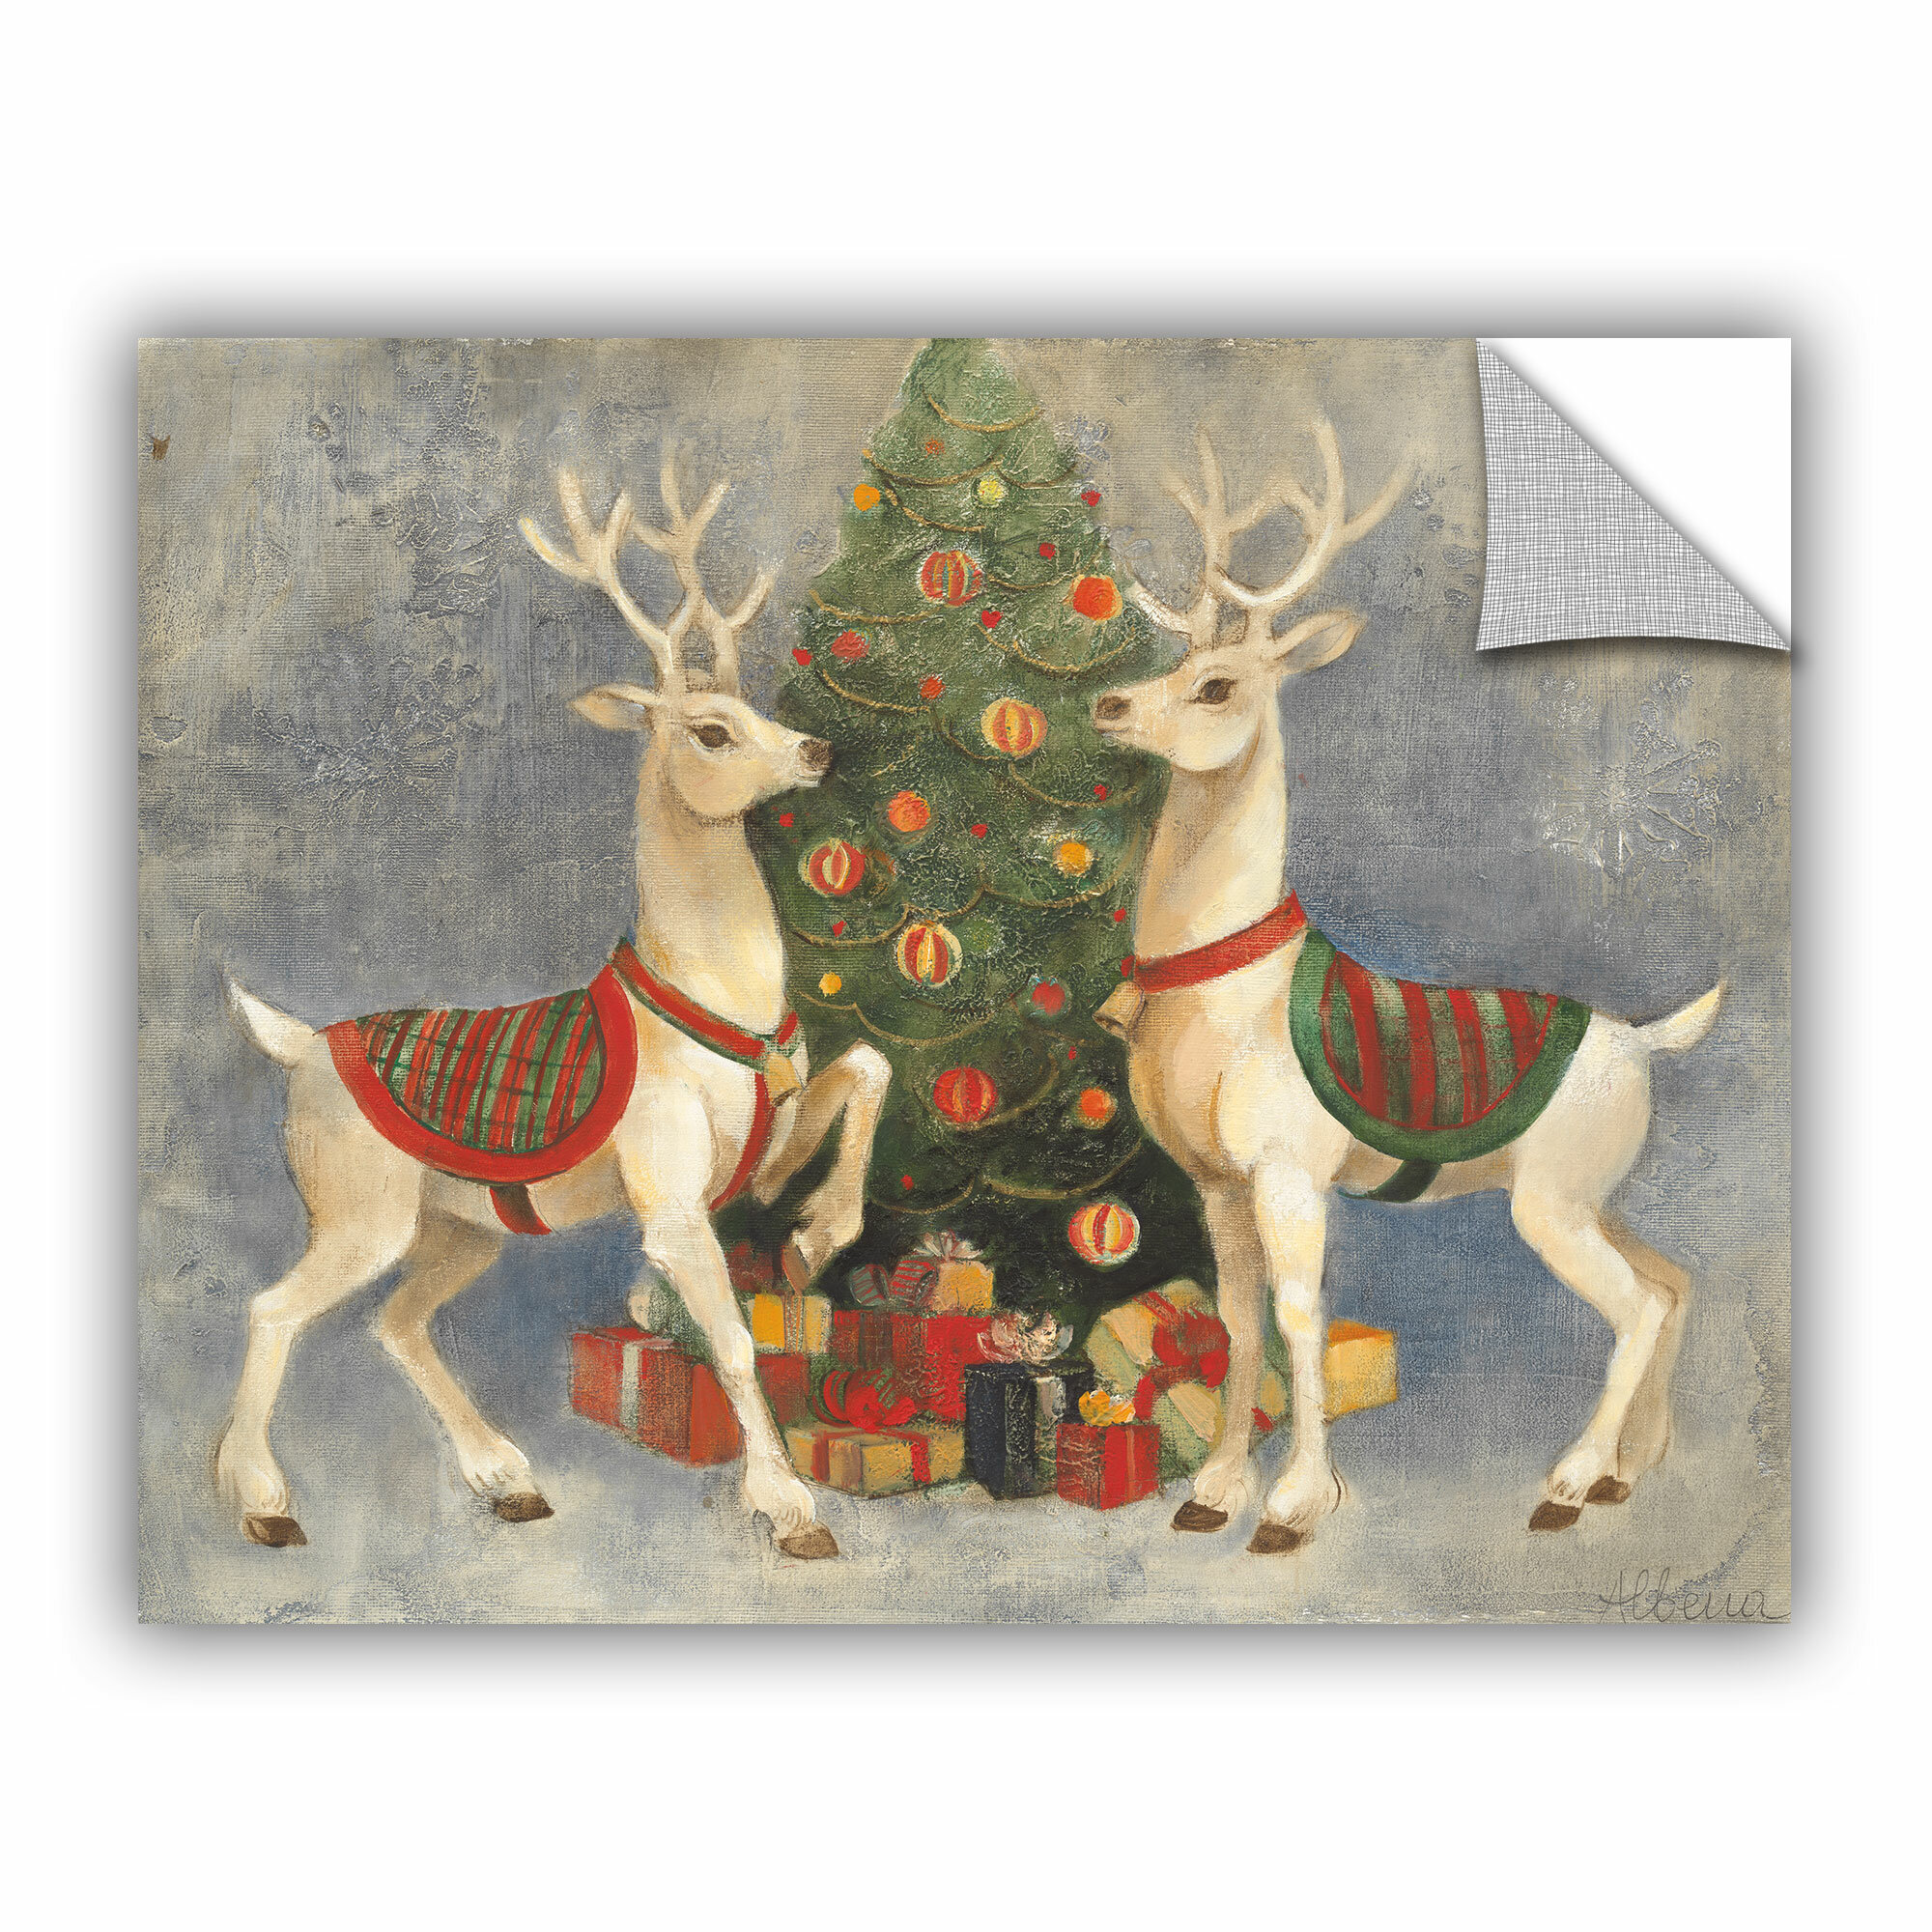 Artwall Albena Hristova Holiday Reindee Removable Wall Decal Reviews Wayfair